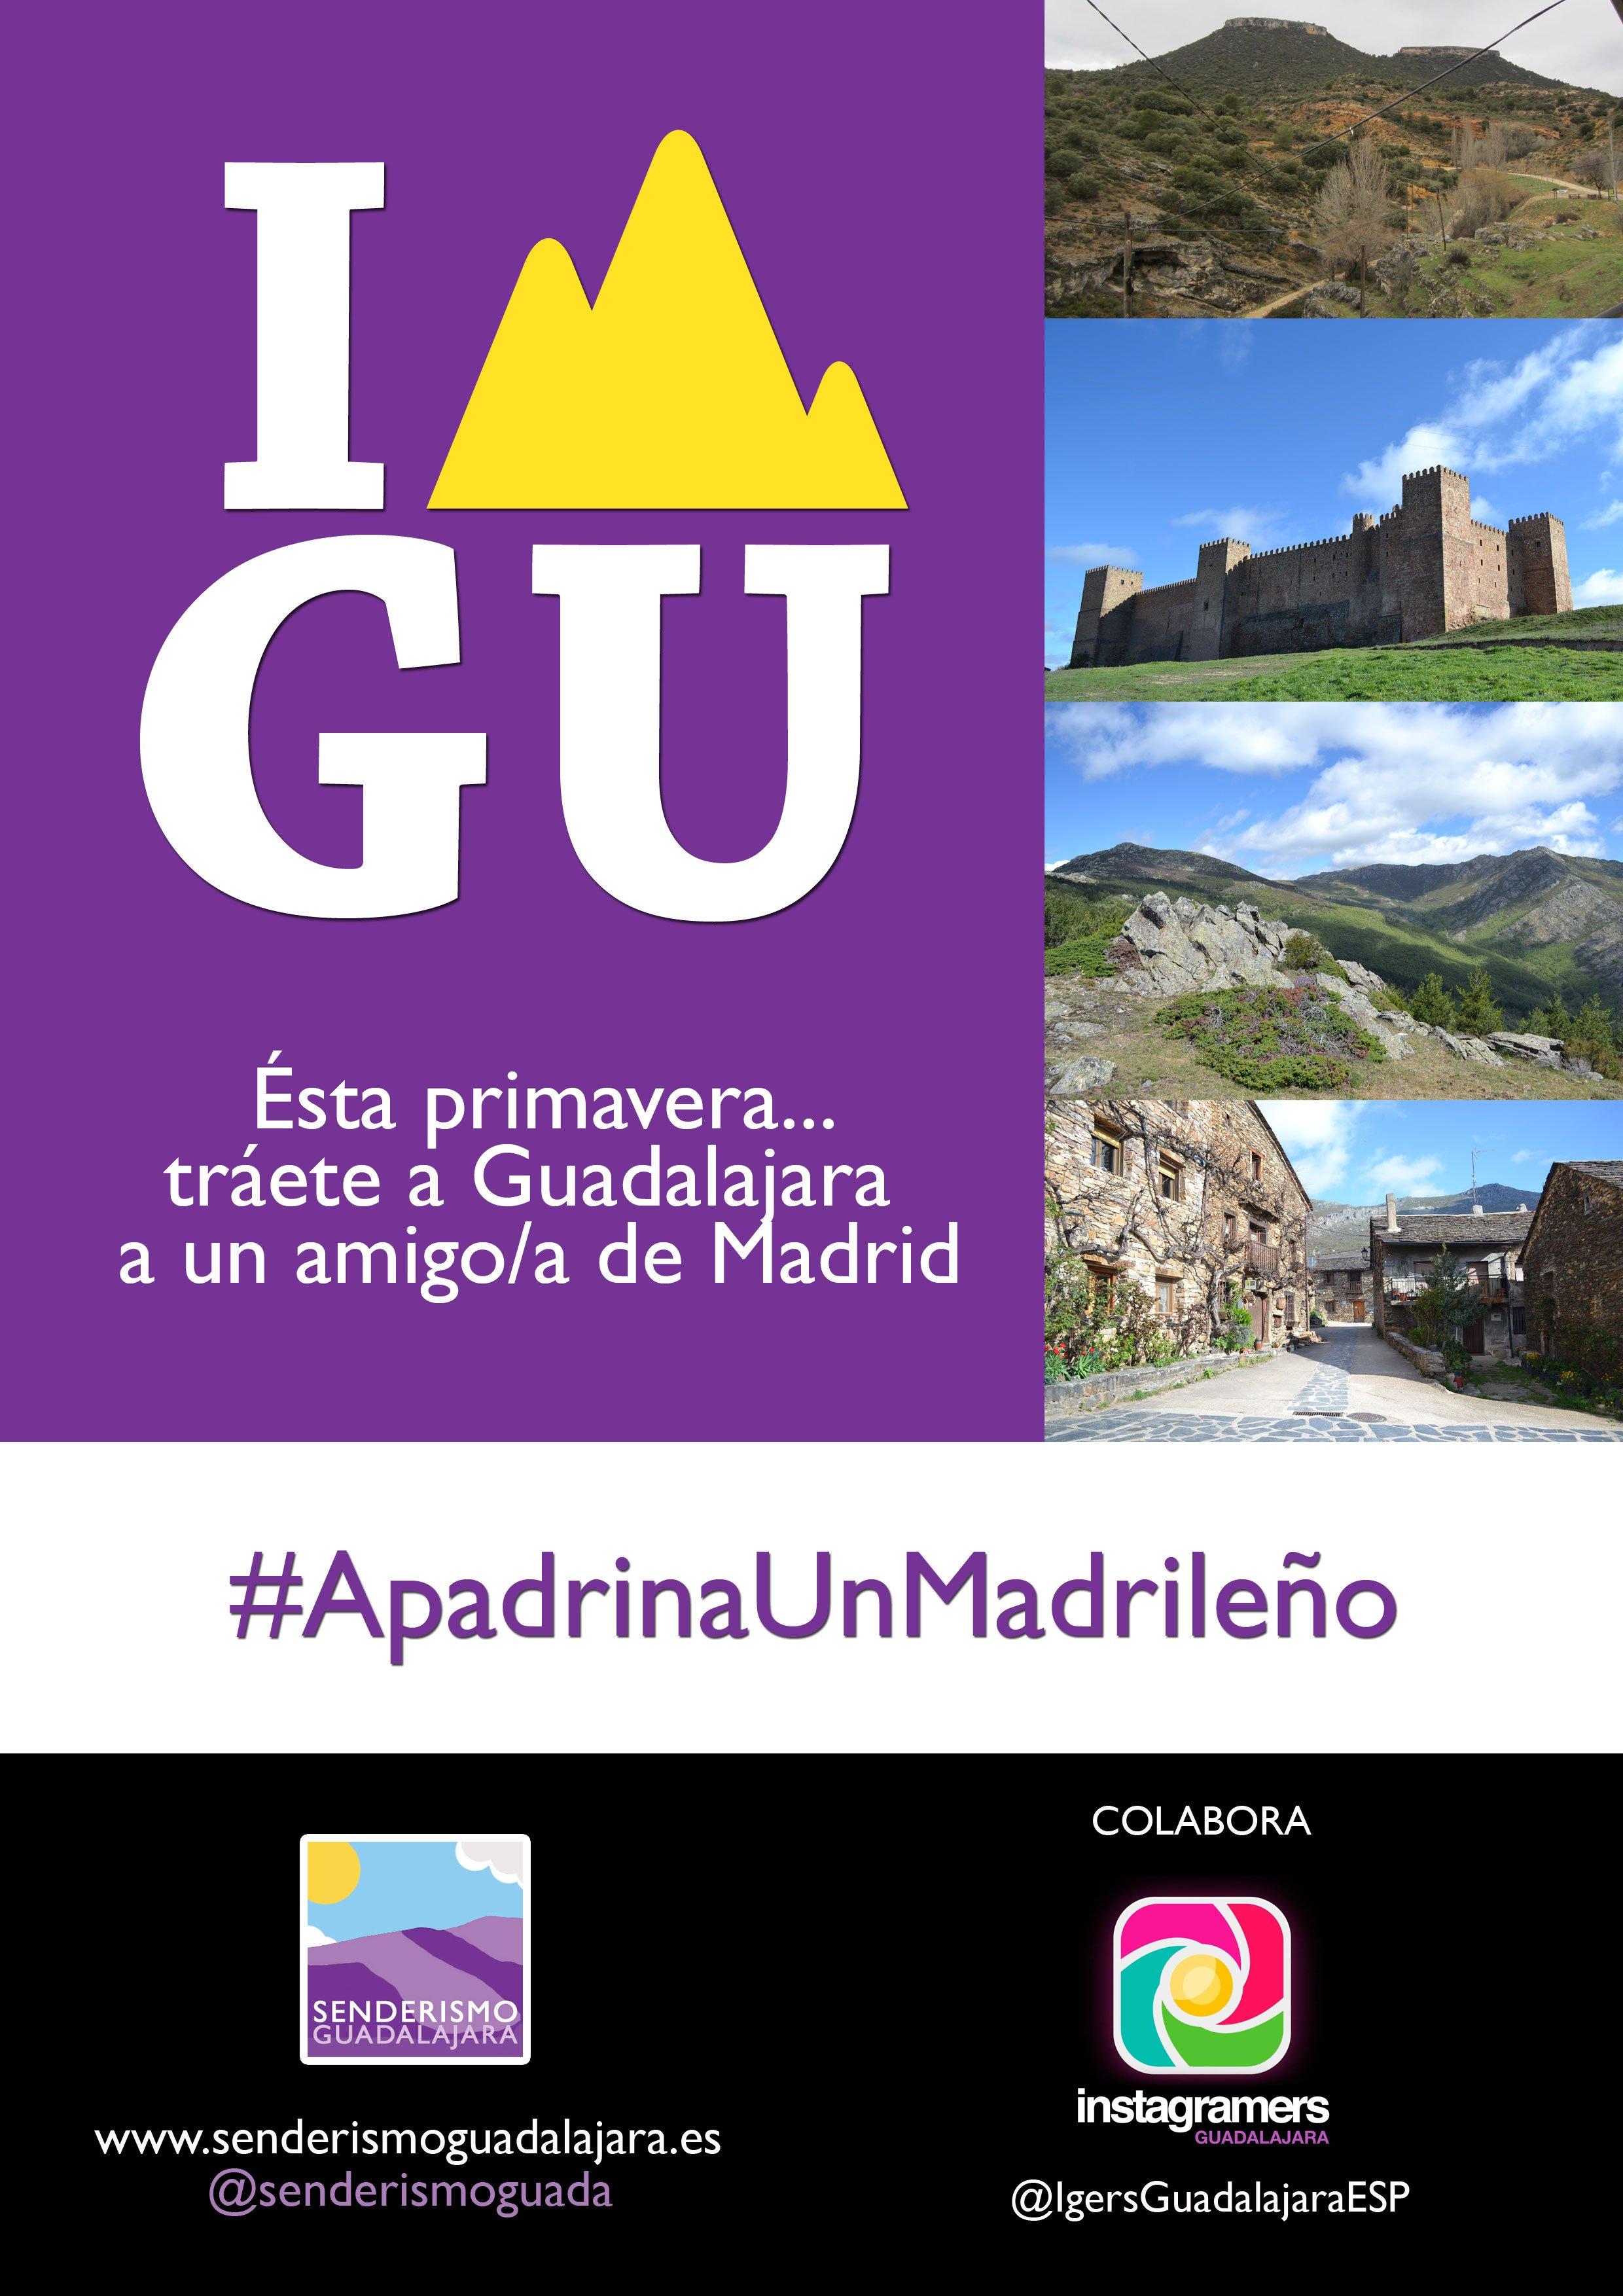 Esta primavera… #ApadrinaUnMadrileño